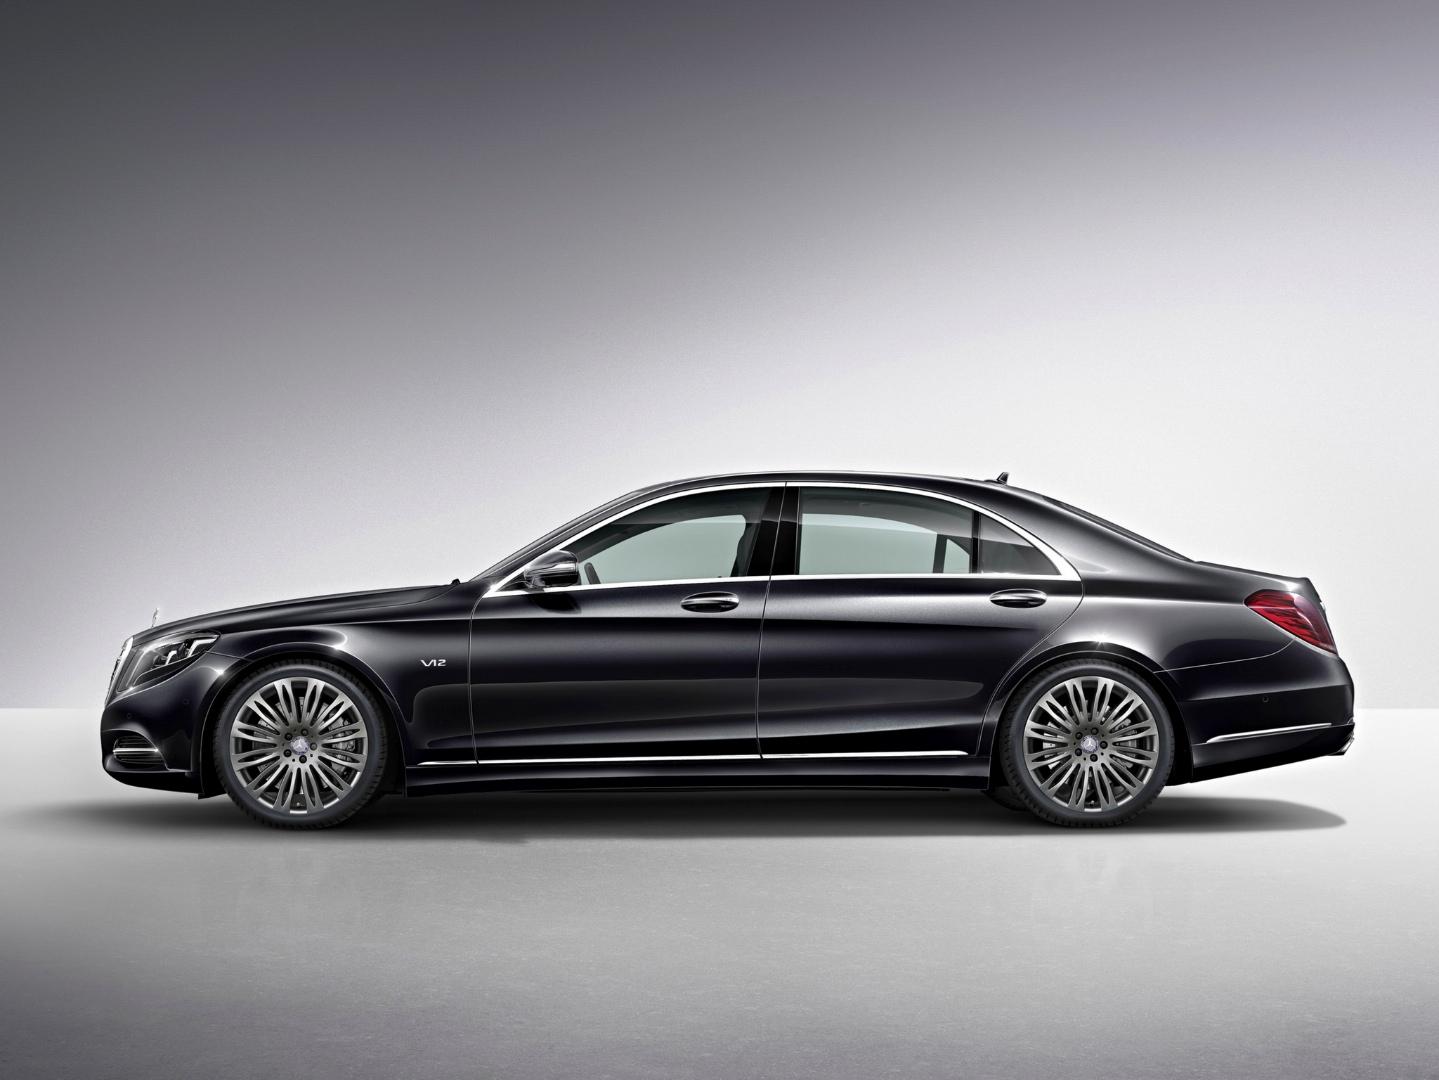 Mercedes benz s class wins best chauffeur car award for Best class of mercedes benz